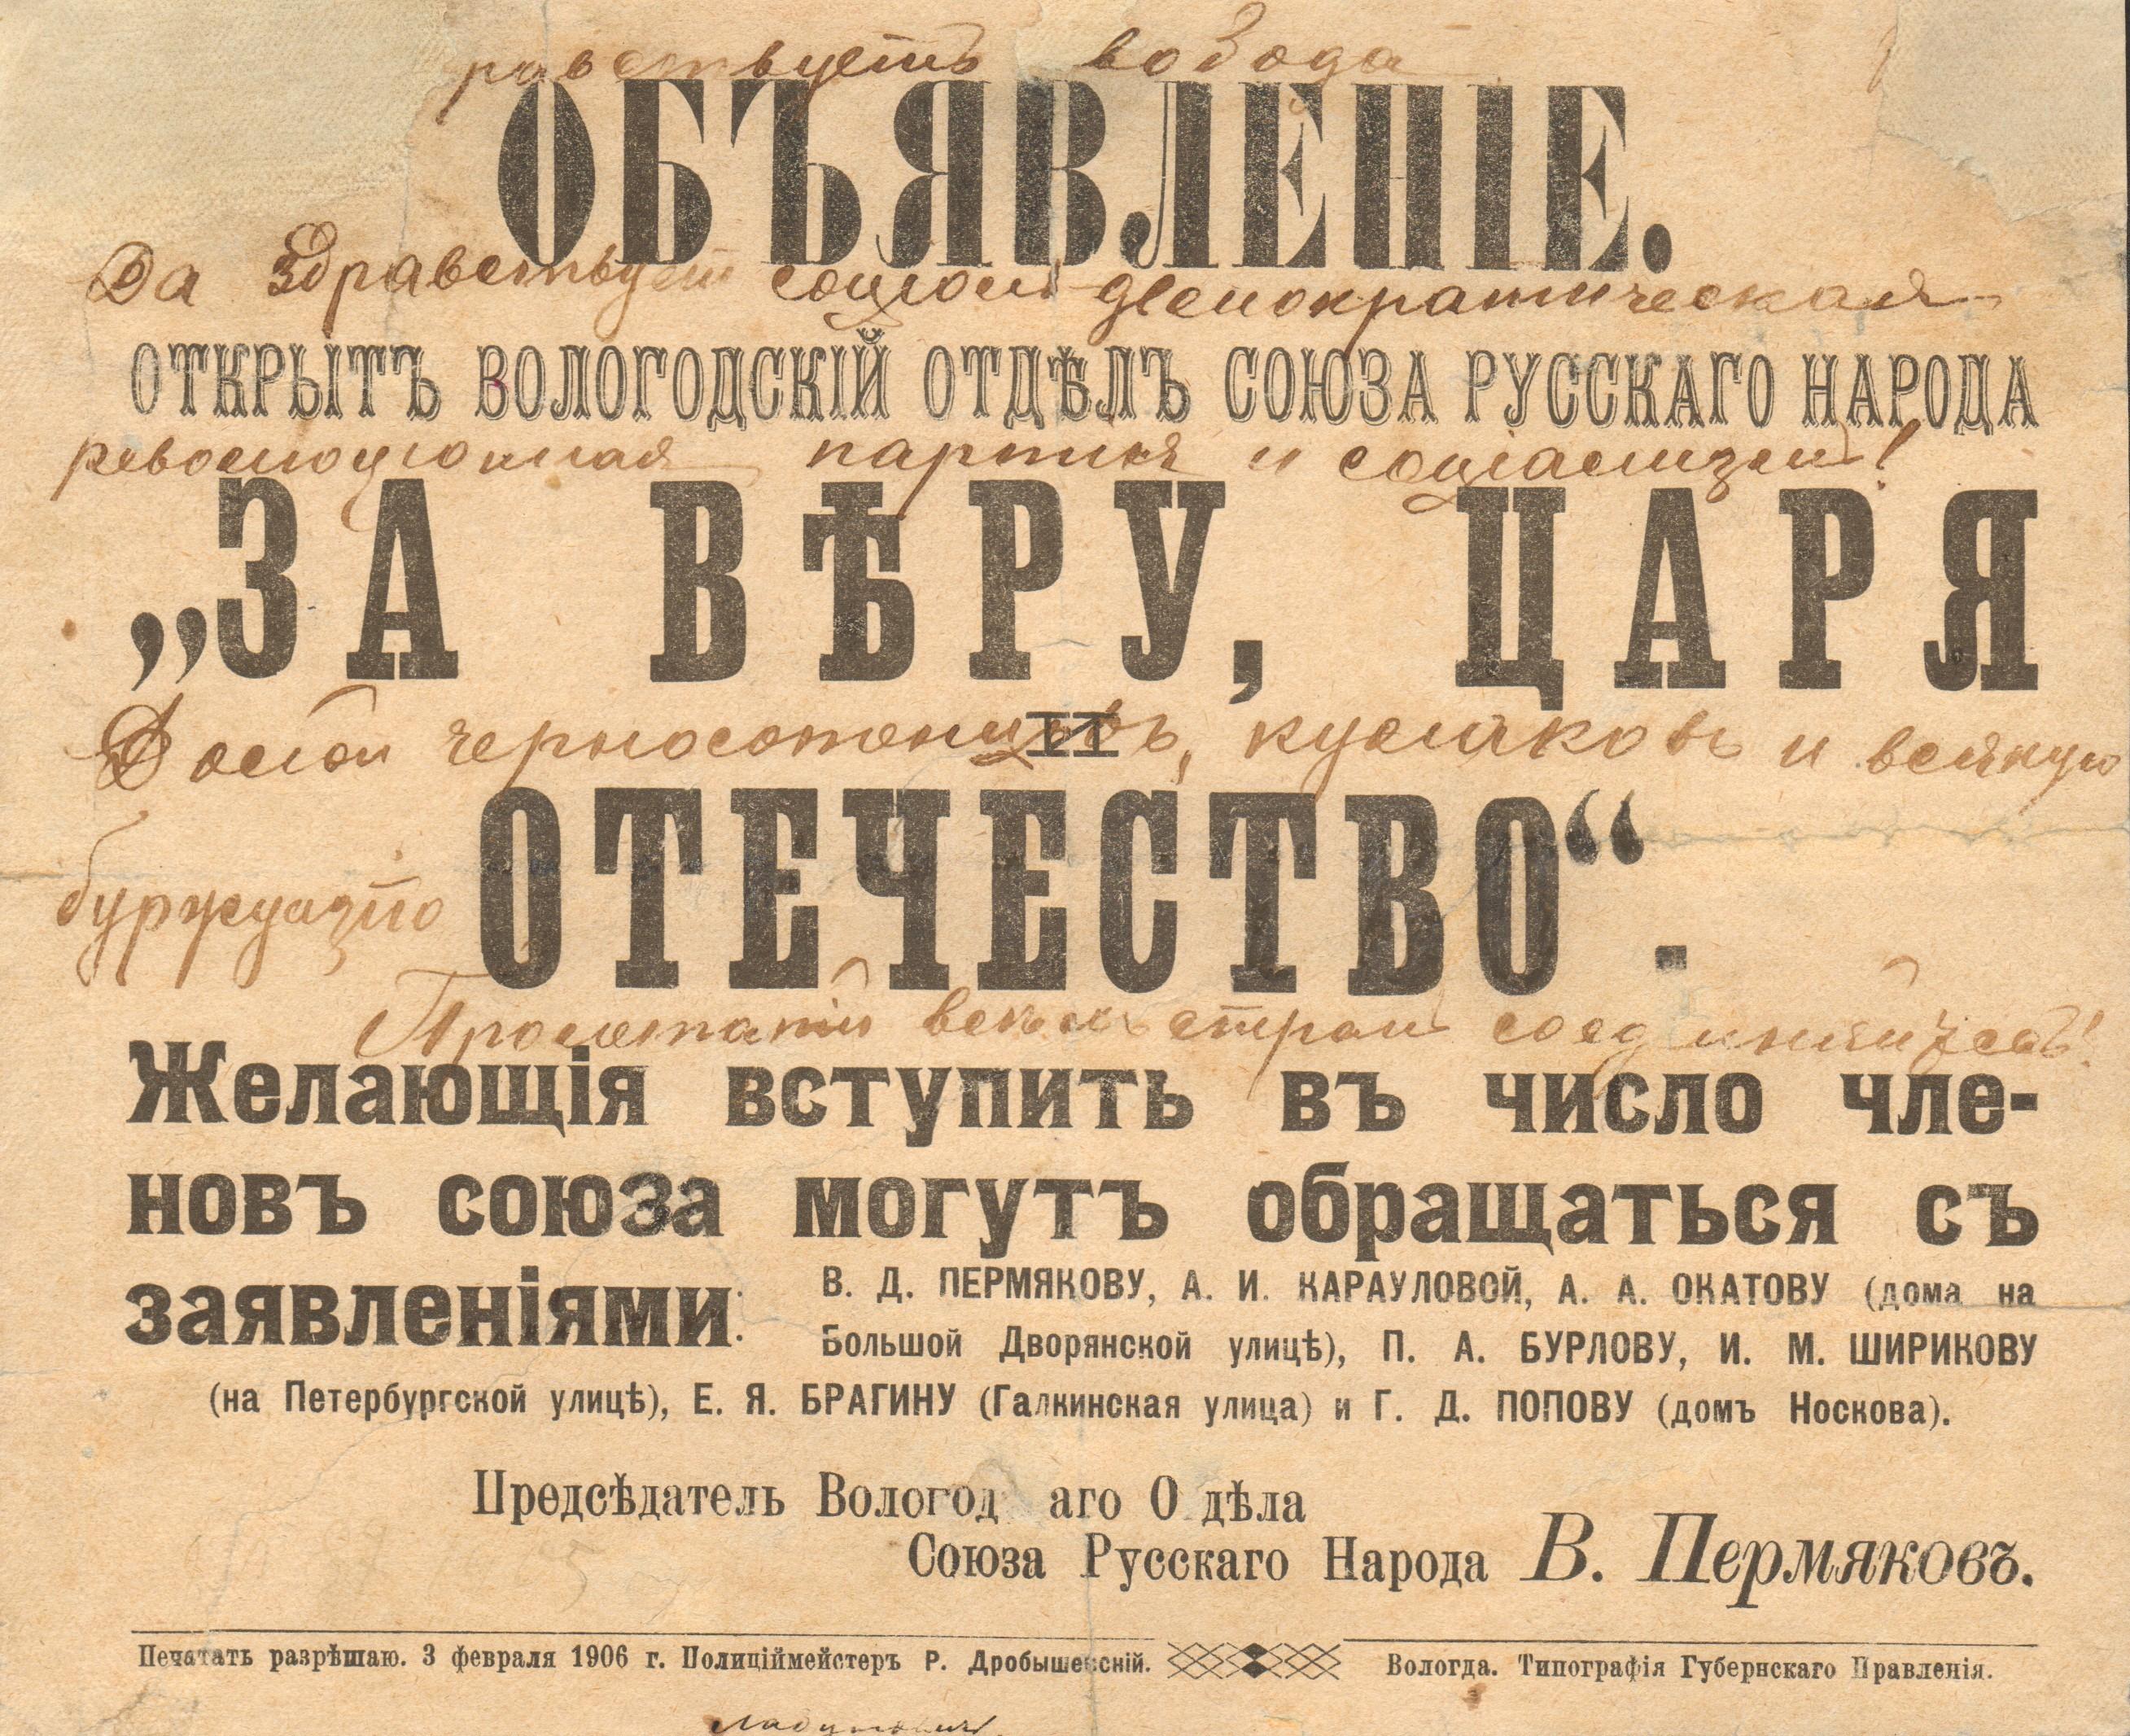 В музее «Вологодская ссылка» открылась выставка о революции 1905-1907 годов